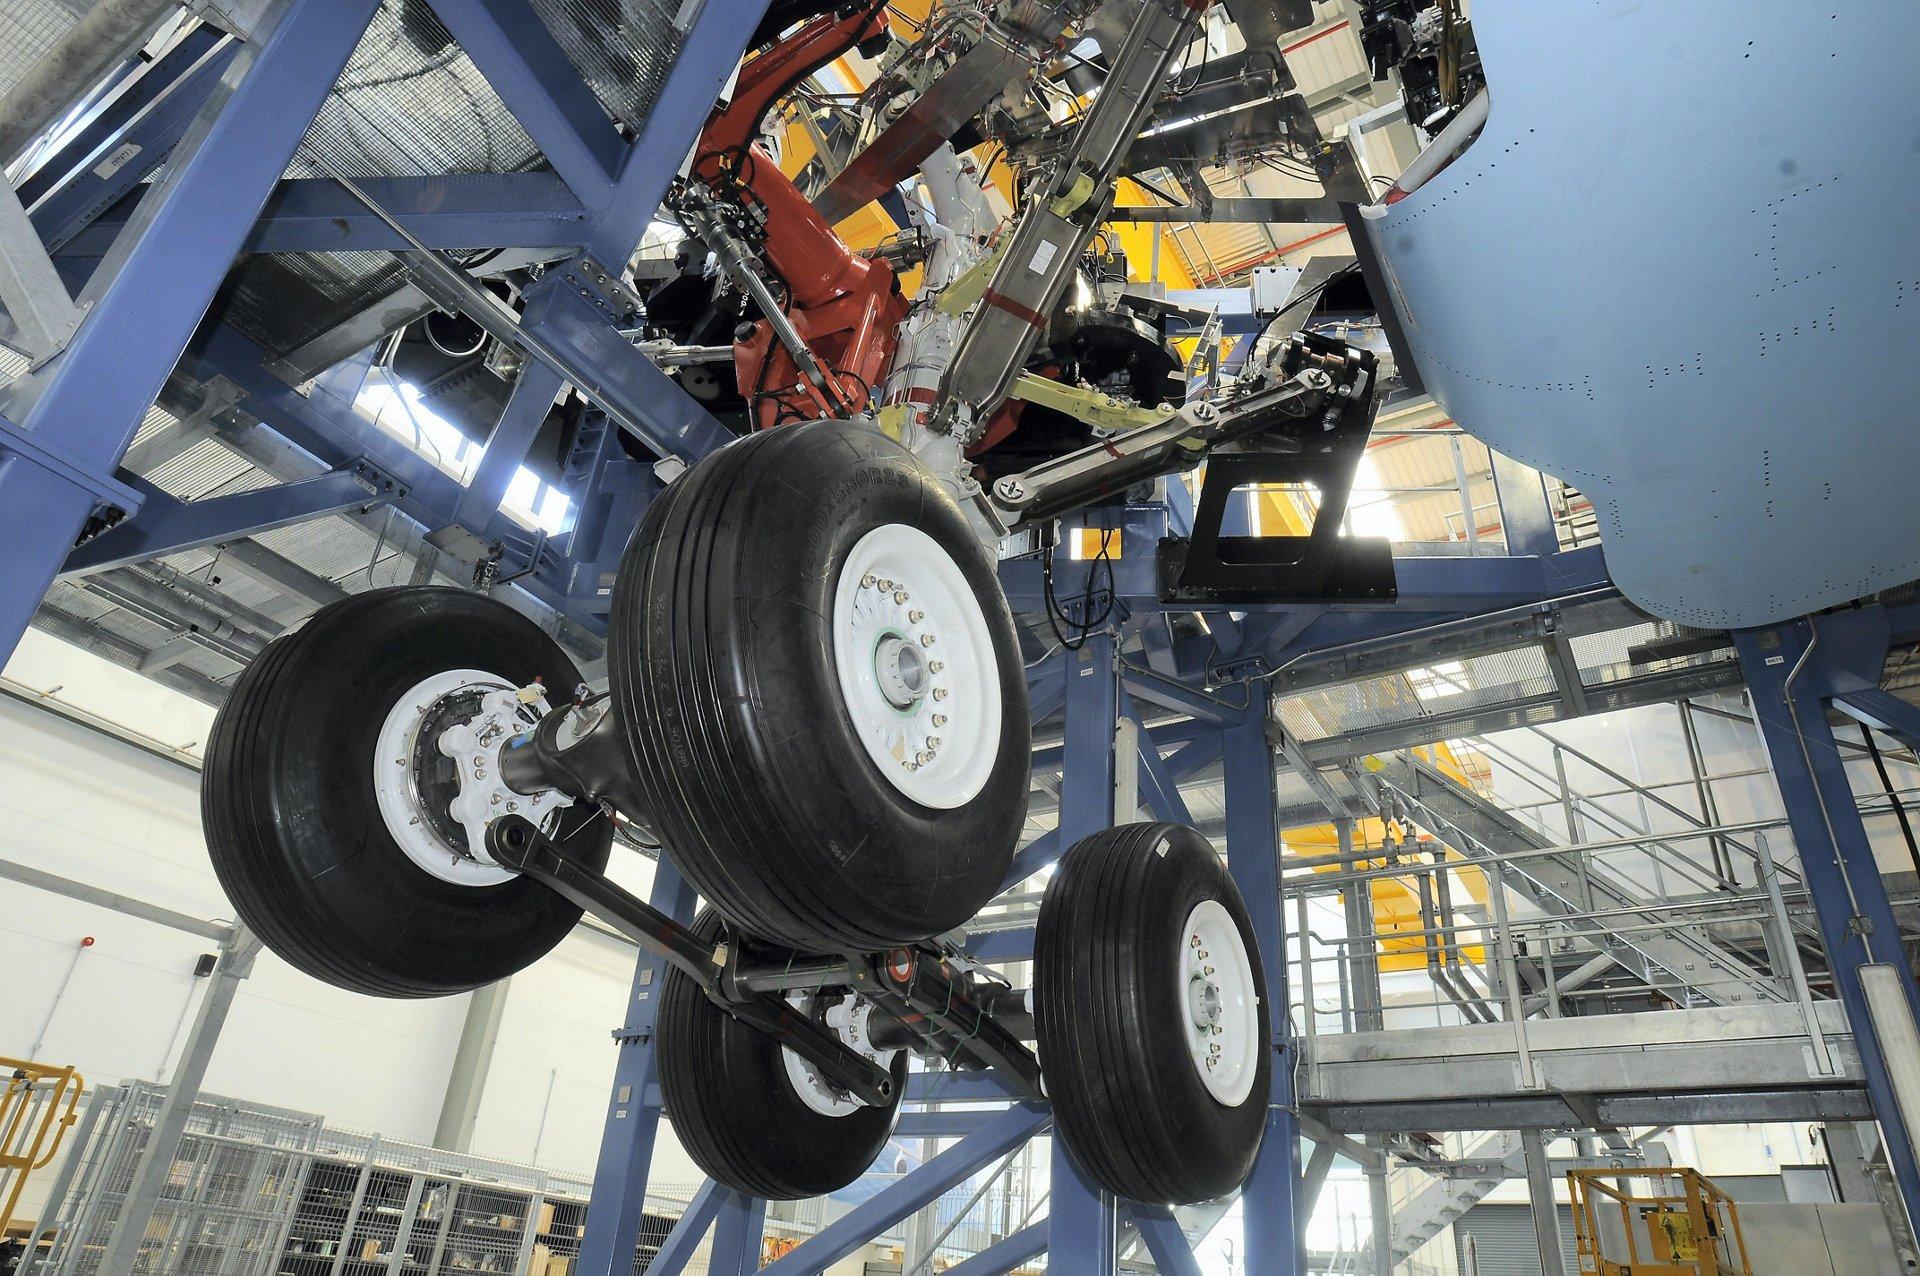 A350 XWB landing gear bench entry into service